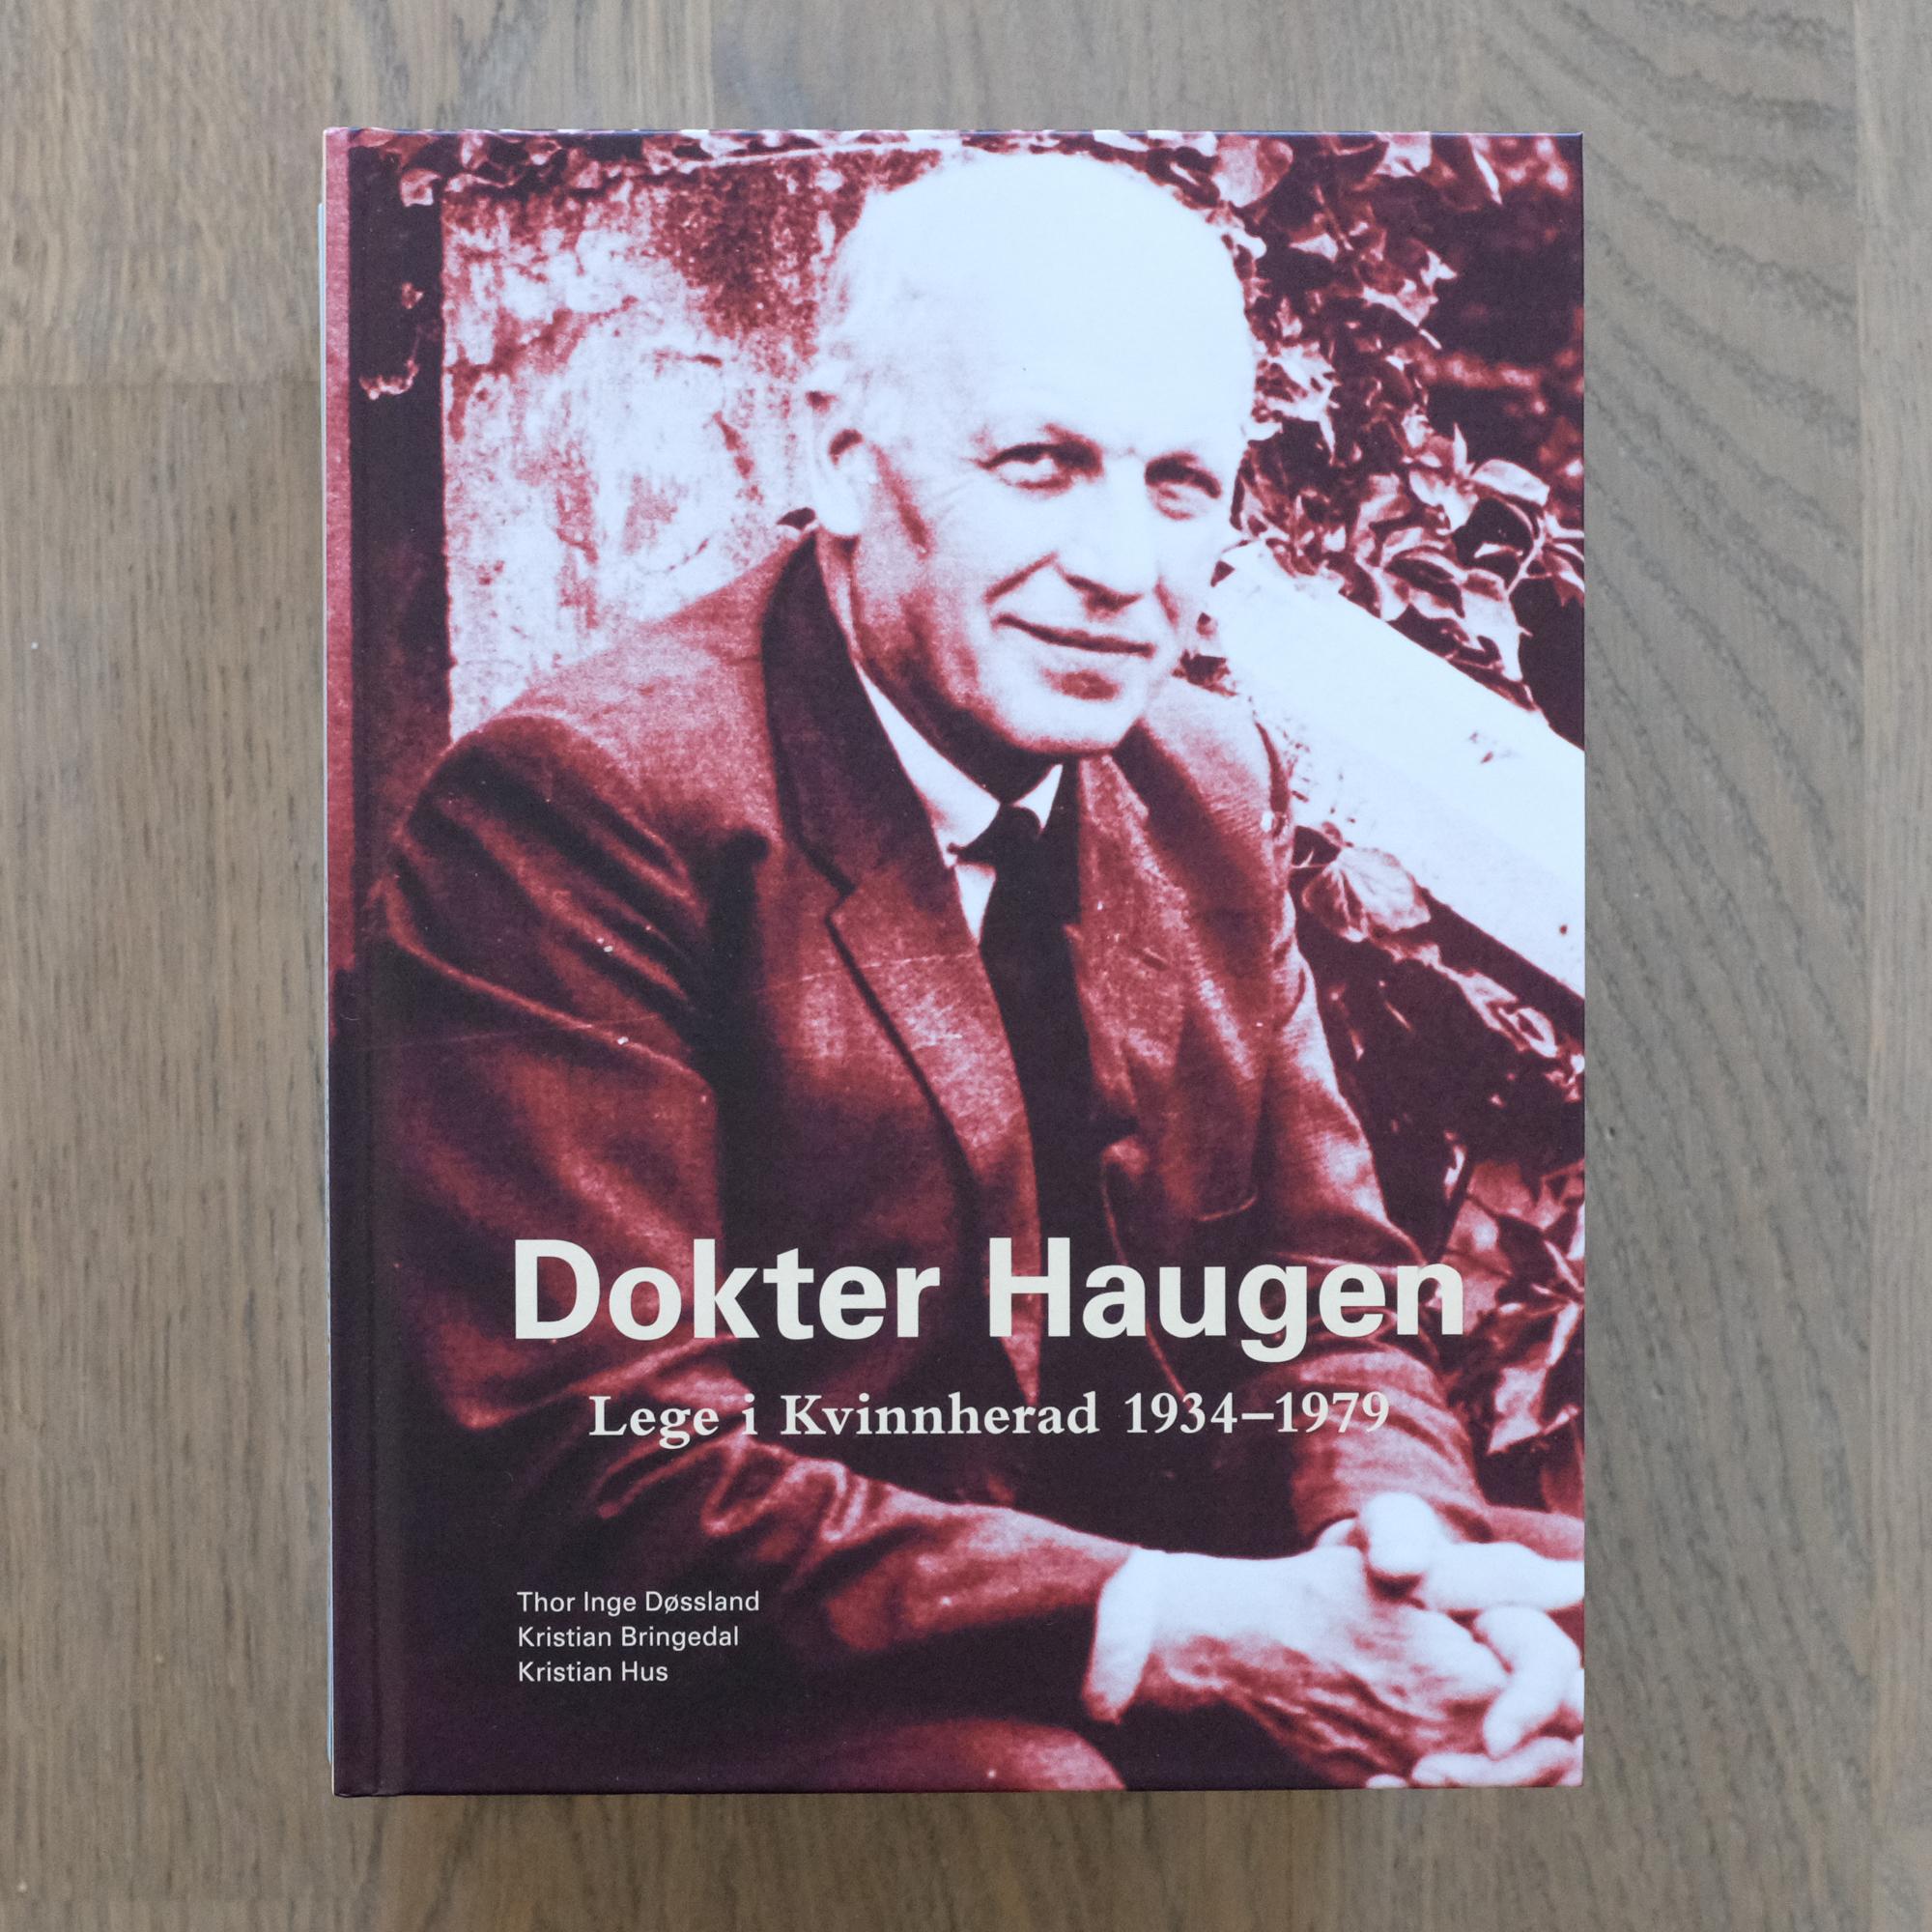 Meir om Dokter Haugen - Du kan lesa mange andre historiar i boka om dokter Haugen, som er å få kjøpt i fleire forretningar rundt om i Kvinnherad. Du kan òg tinga boka på nett.